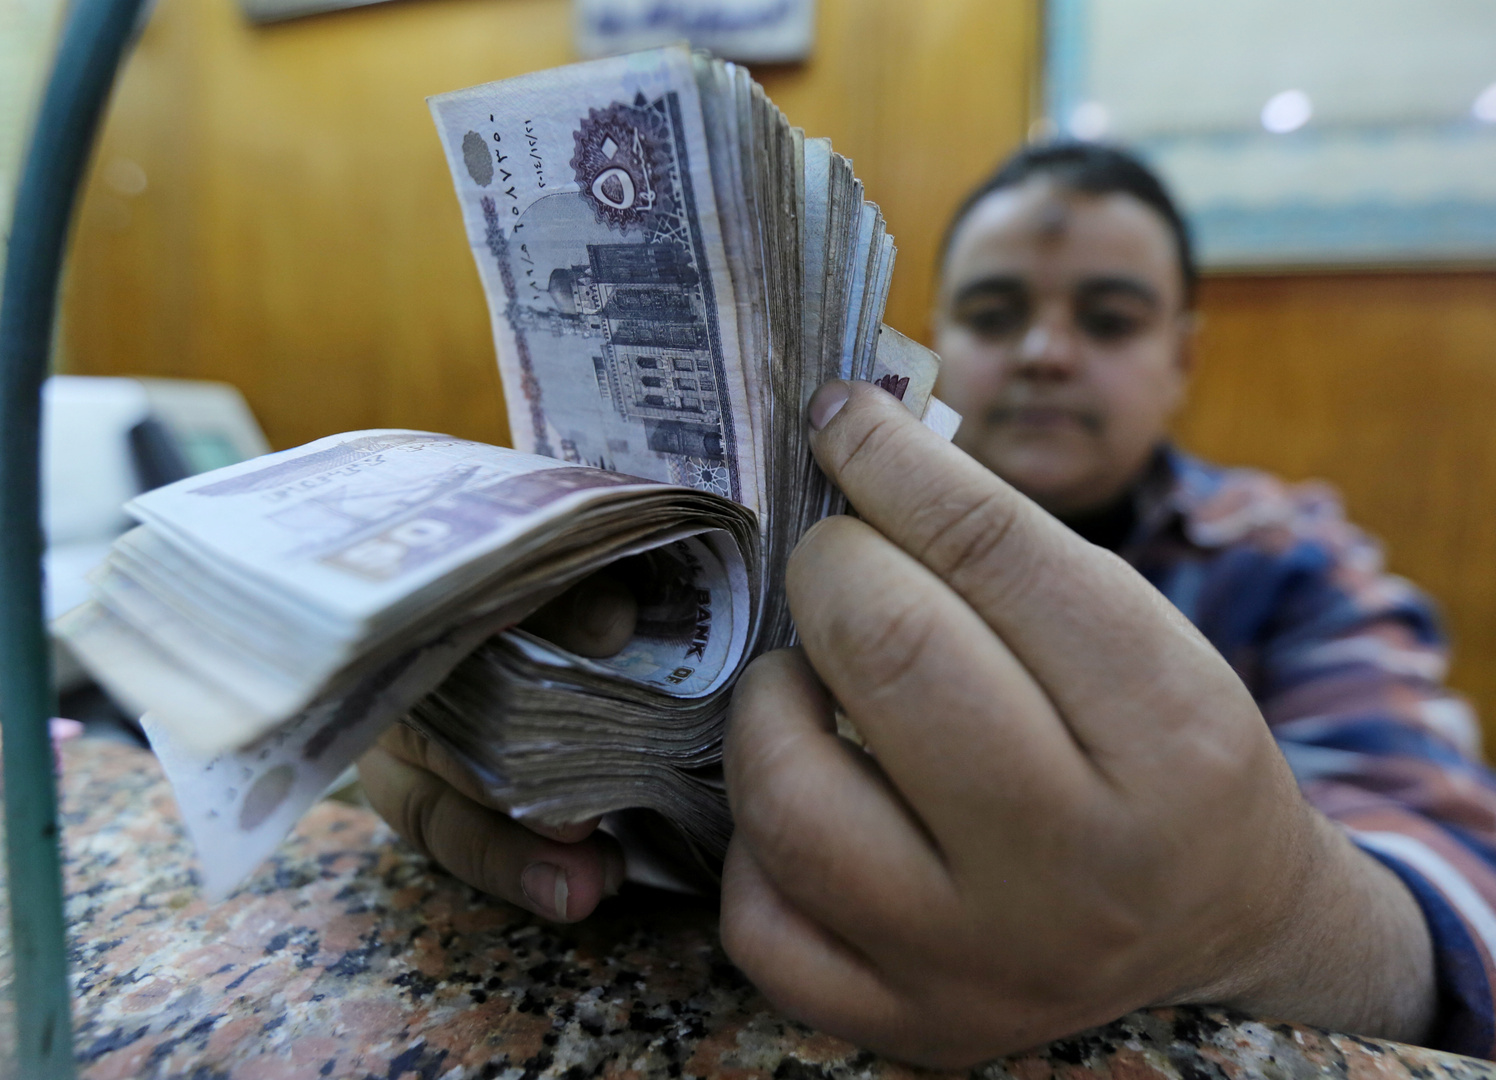 مصر.. 7 أشياء لن يفعلها المصريون في العملات الجديدة